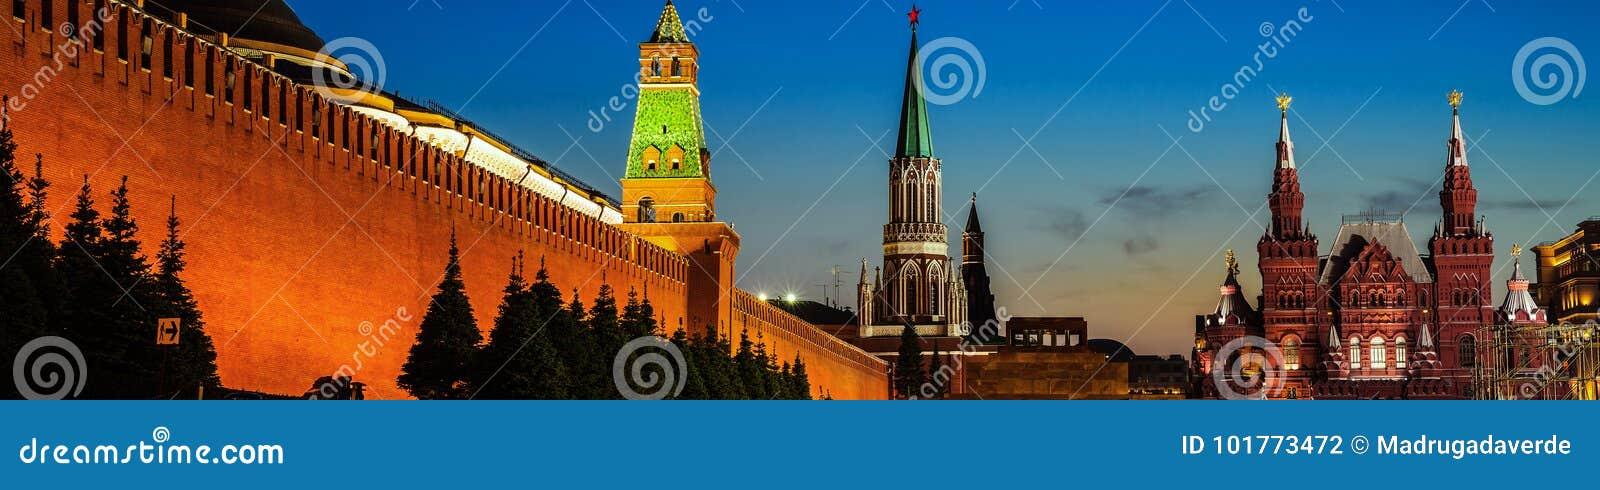 De verlichte muur van het Kremlin in Moskou, Rusland bij nacht